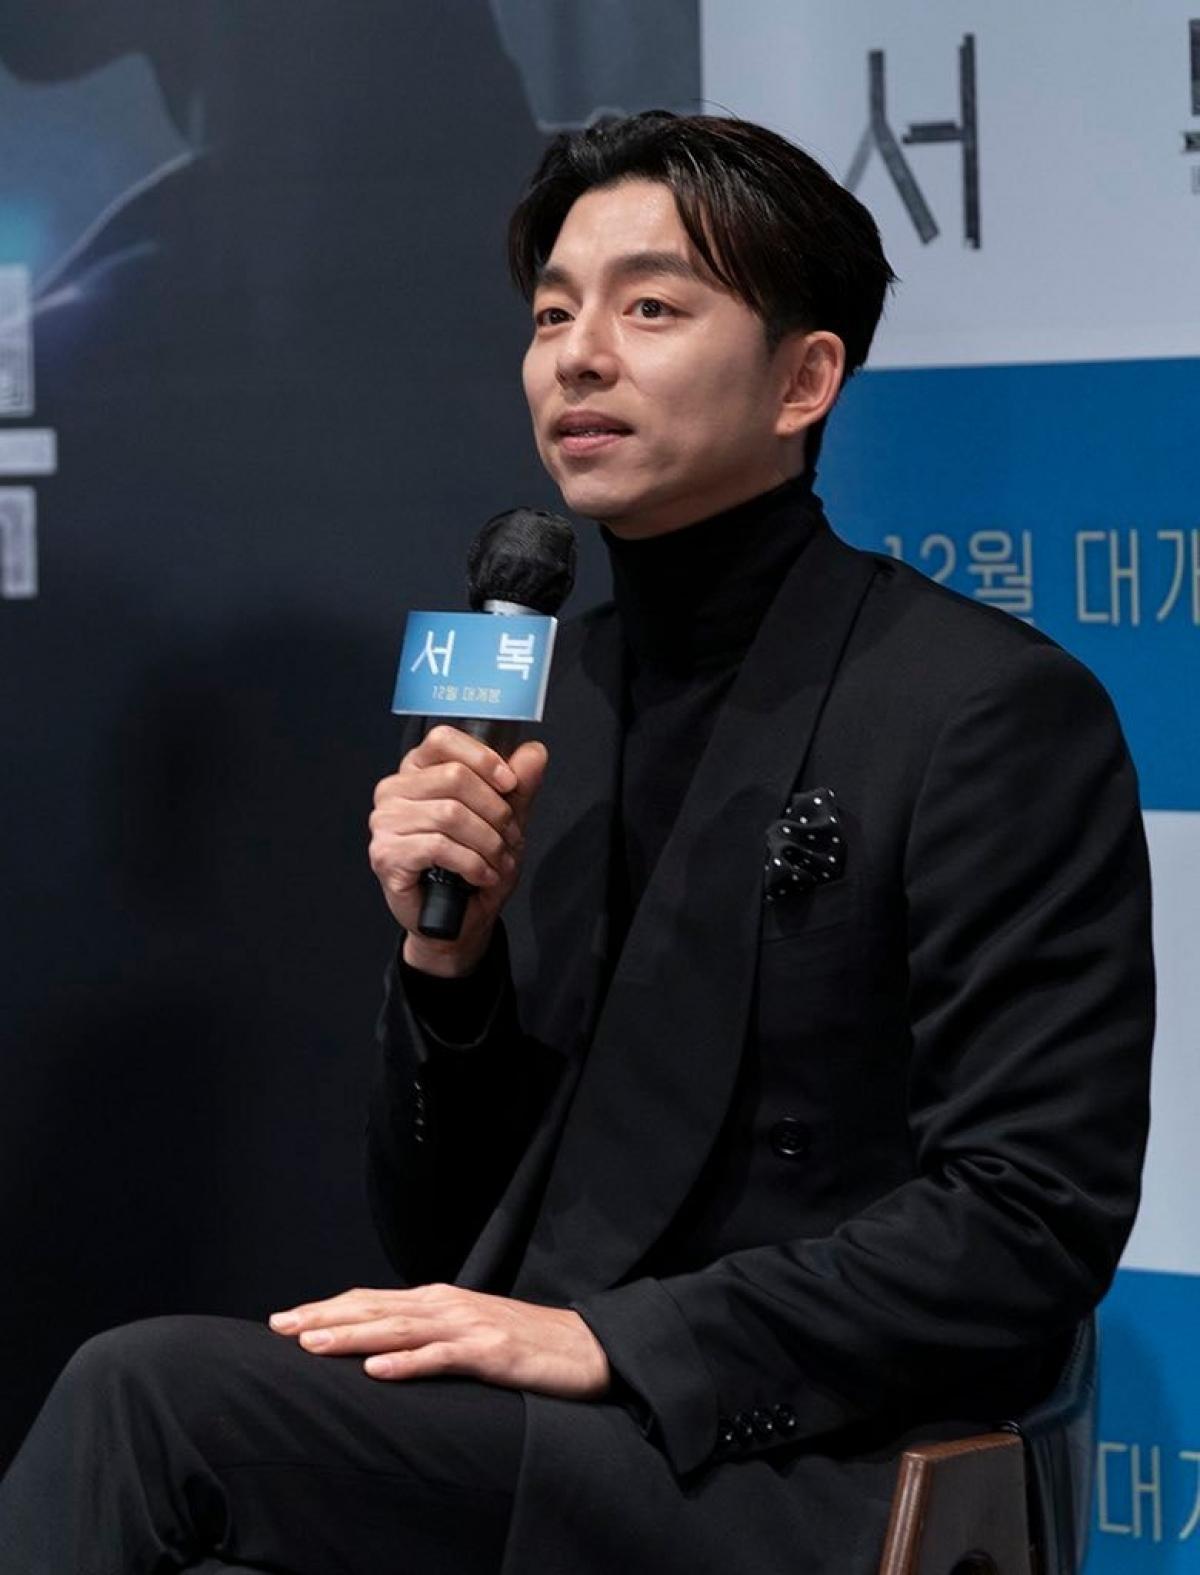 """Chia sẻ về lý do lựa chọn bộ phim này, Gong Yoo cho biết:""""Lần đầu tiên xem kịch bản, tôi đã thấy câu chuyện không dễ dàng chút nào. Tuy thú vị và tò mò nhưng tôi cũng cảm thấy gánh nặng không dễ thực hiện. Nhưng vì vậy mà càng tham vọng hơn. Tôi đã bị thu hút bởi cốt lõi mà đạo diễn muốn truyền tải thông qua bộ phim này, nên đã nảy sinh quyết tâm muốn thử sức. Sau khi gặp đạo diễn, tôi đã cùng ông thực thi thử thách này với mong muốn rằng khán giả có thể thấu hiểu được cảm xúc của tôi khi chọn kịch bản này."""""""